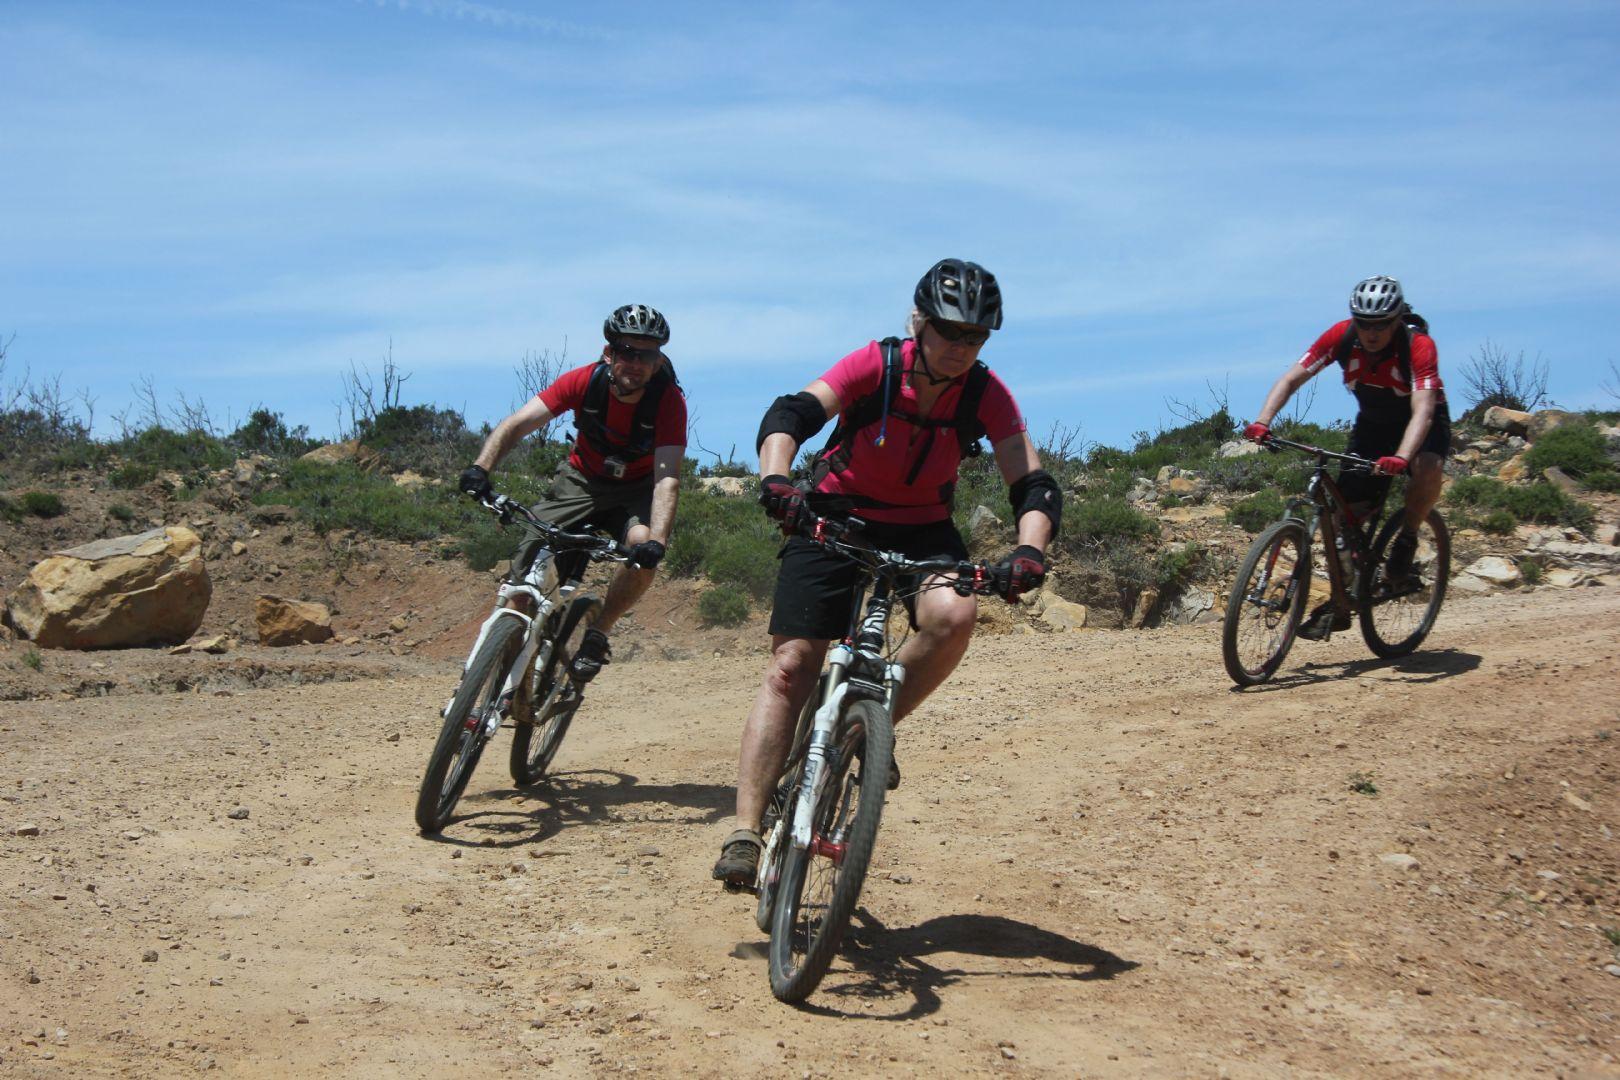 Spain Trans Andaluz MTB 9264.JPG - Spain - Trans Andaluz - Mountain Biking